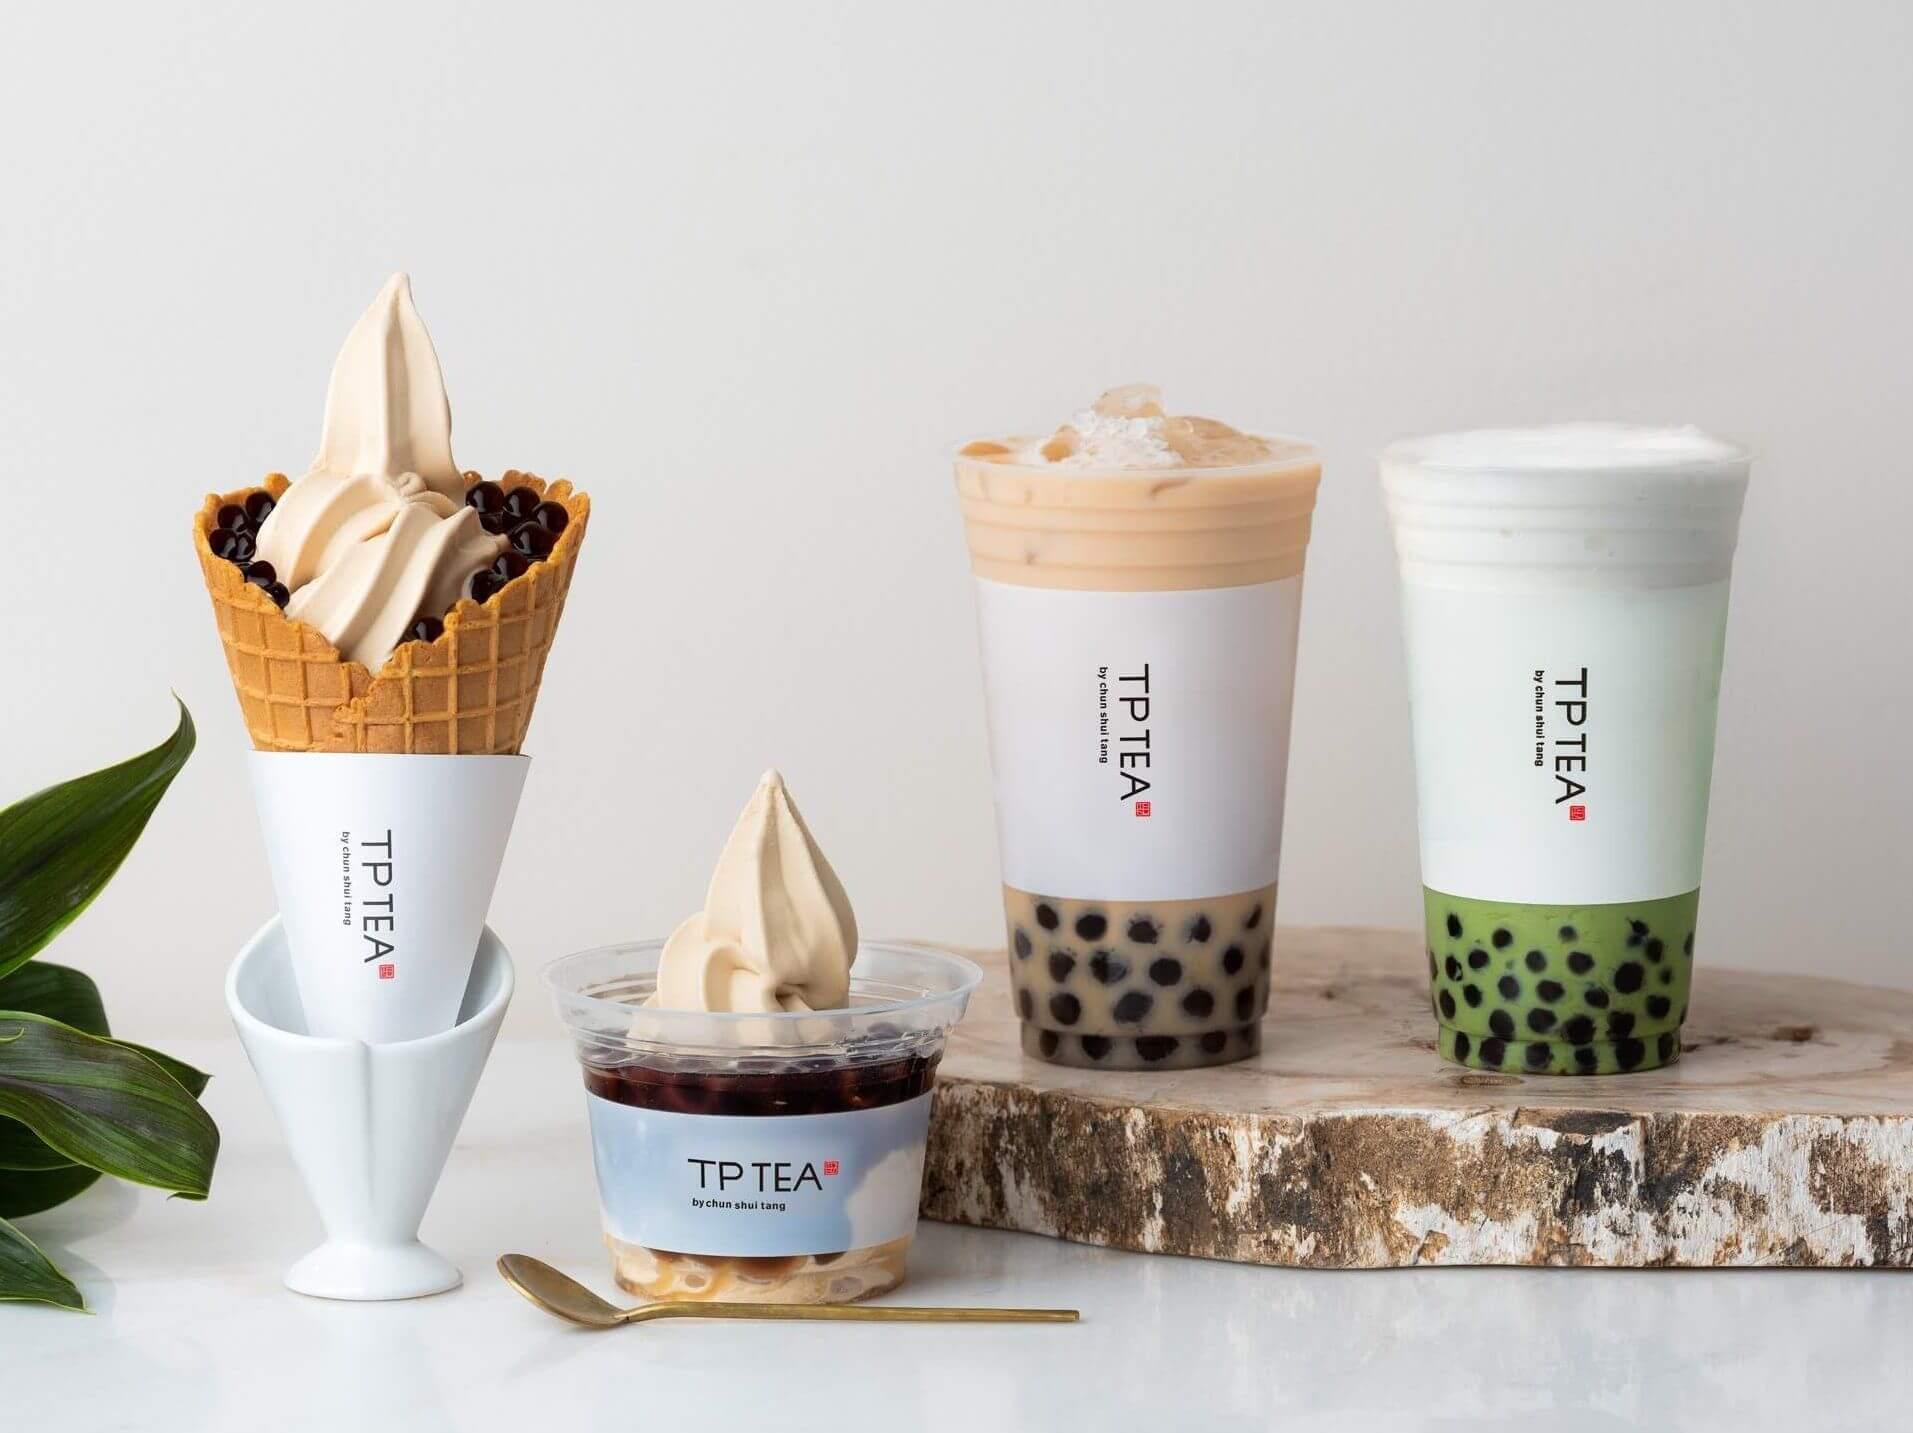 「春水堂」旗下茶飲外帶專賣店「茶湯會TP TEA」於新宿開幕!日本限定口味登場 在新宿、春水堂_、